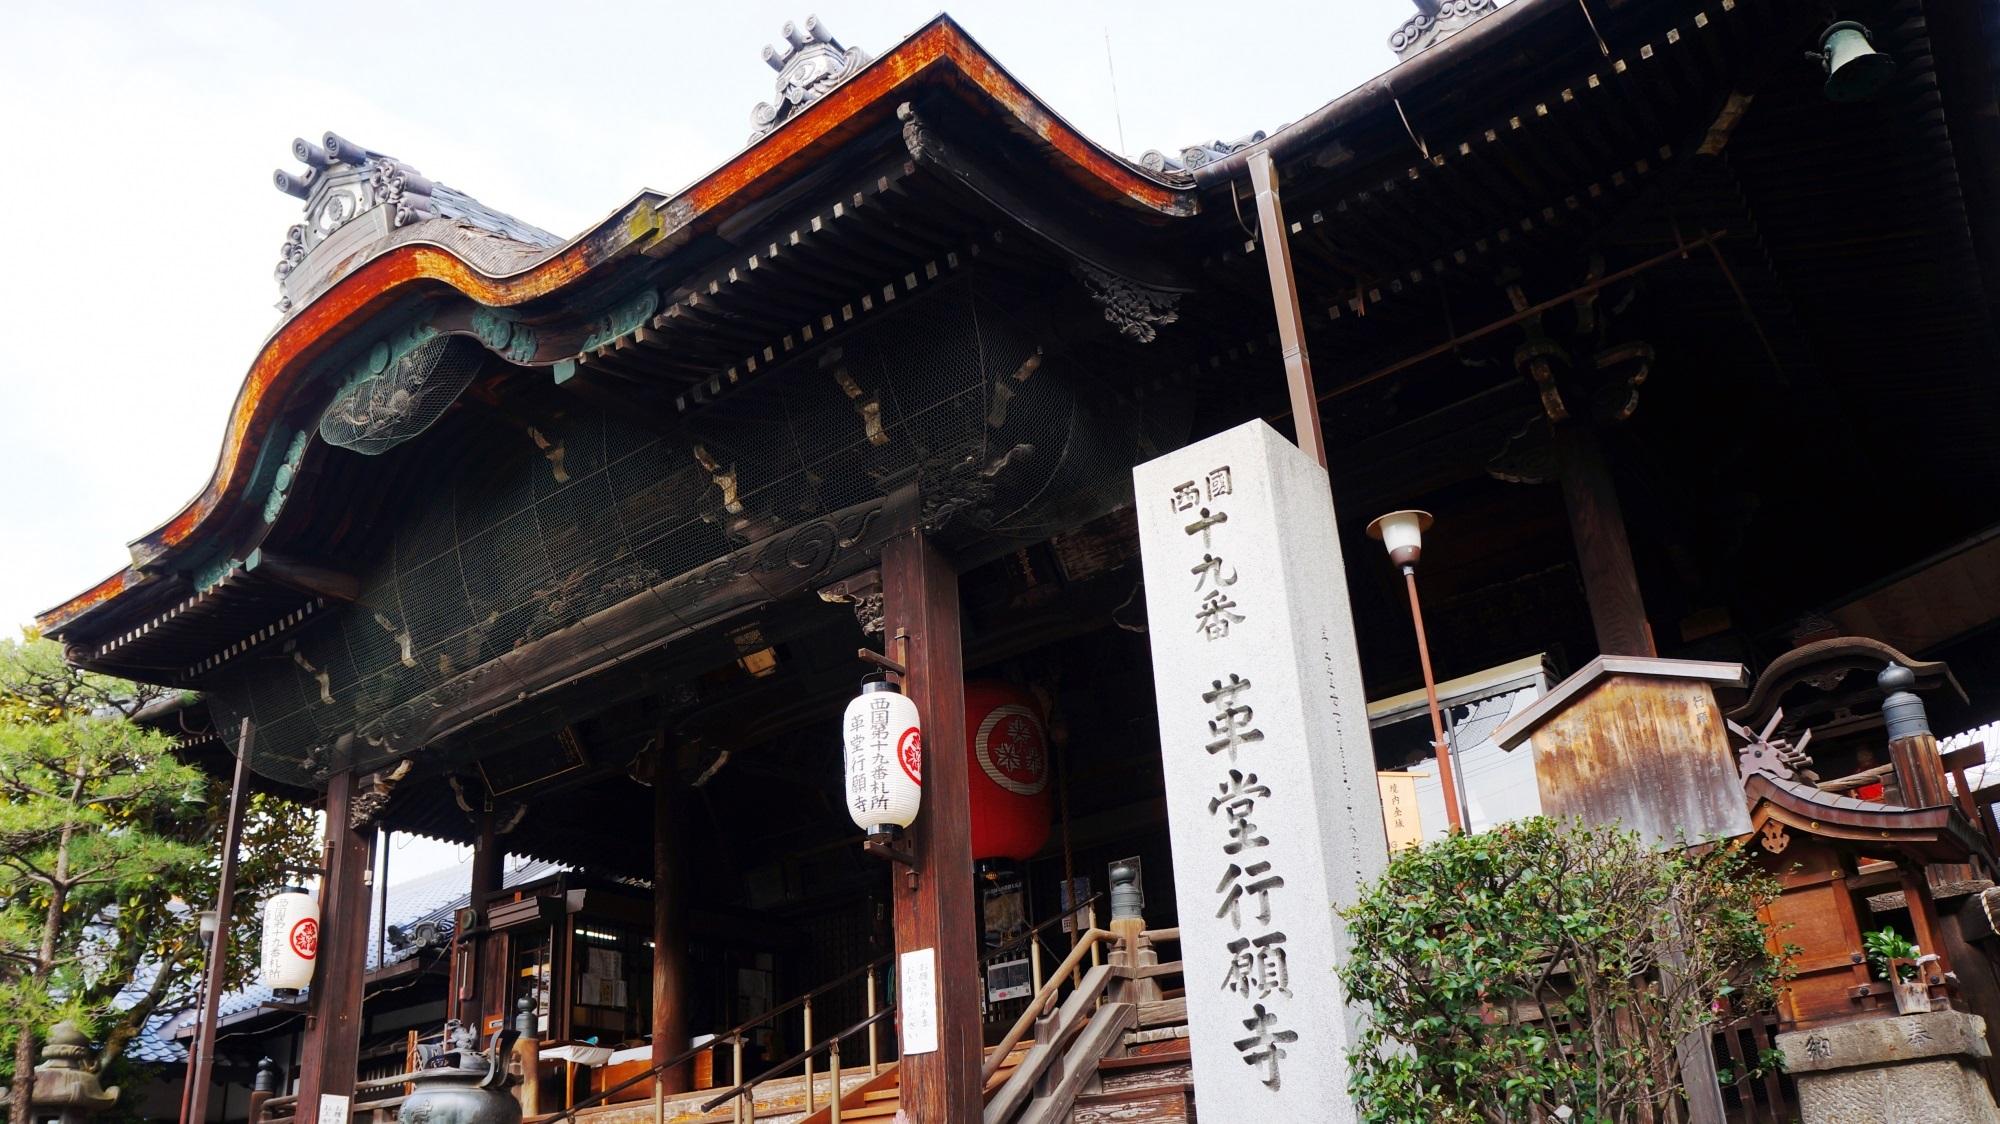 革堂(こうどう)と呼ばれる行願寺